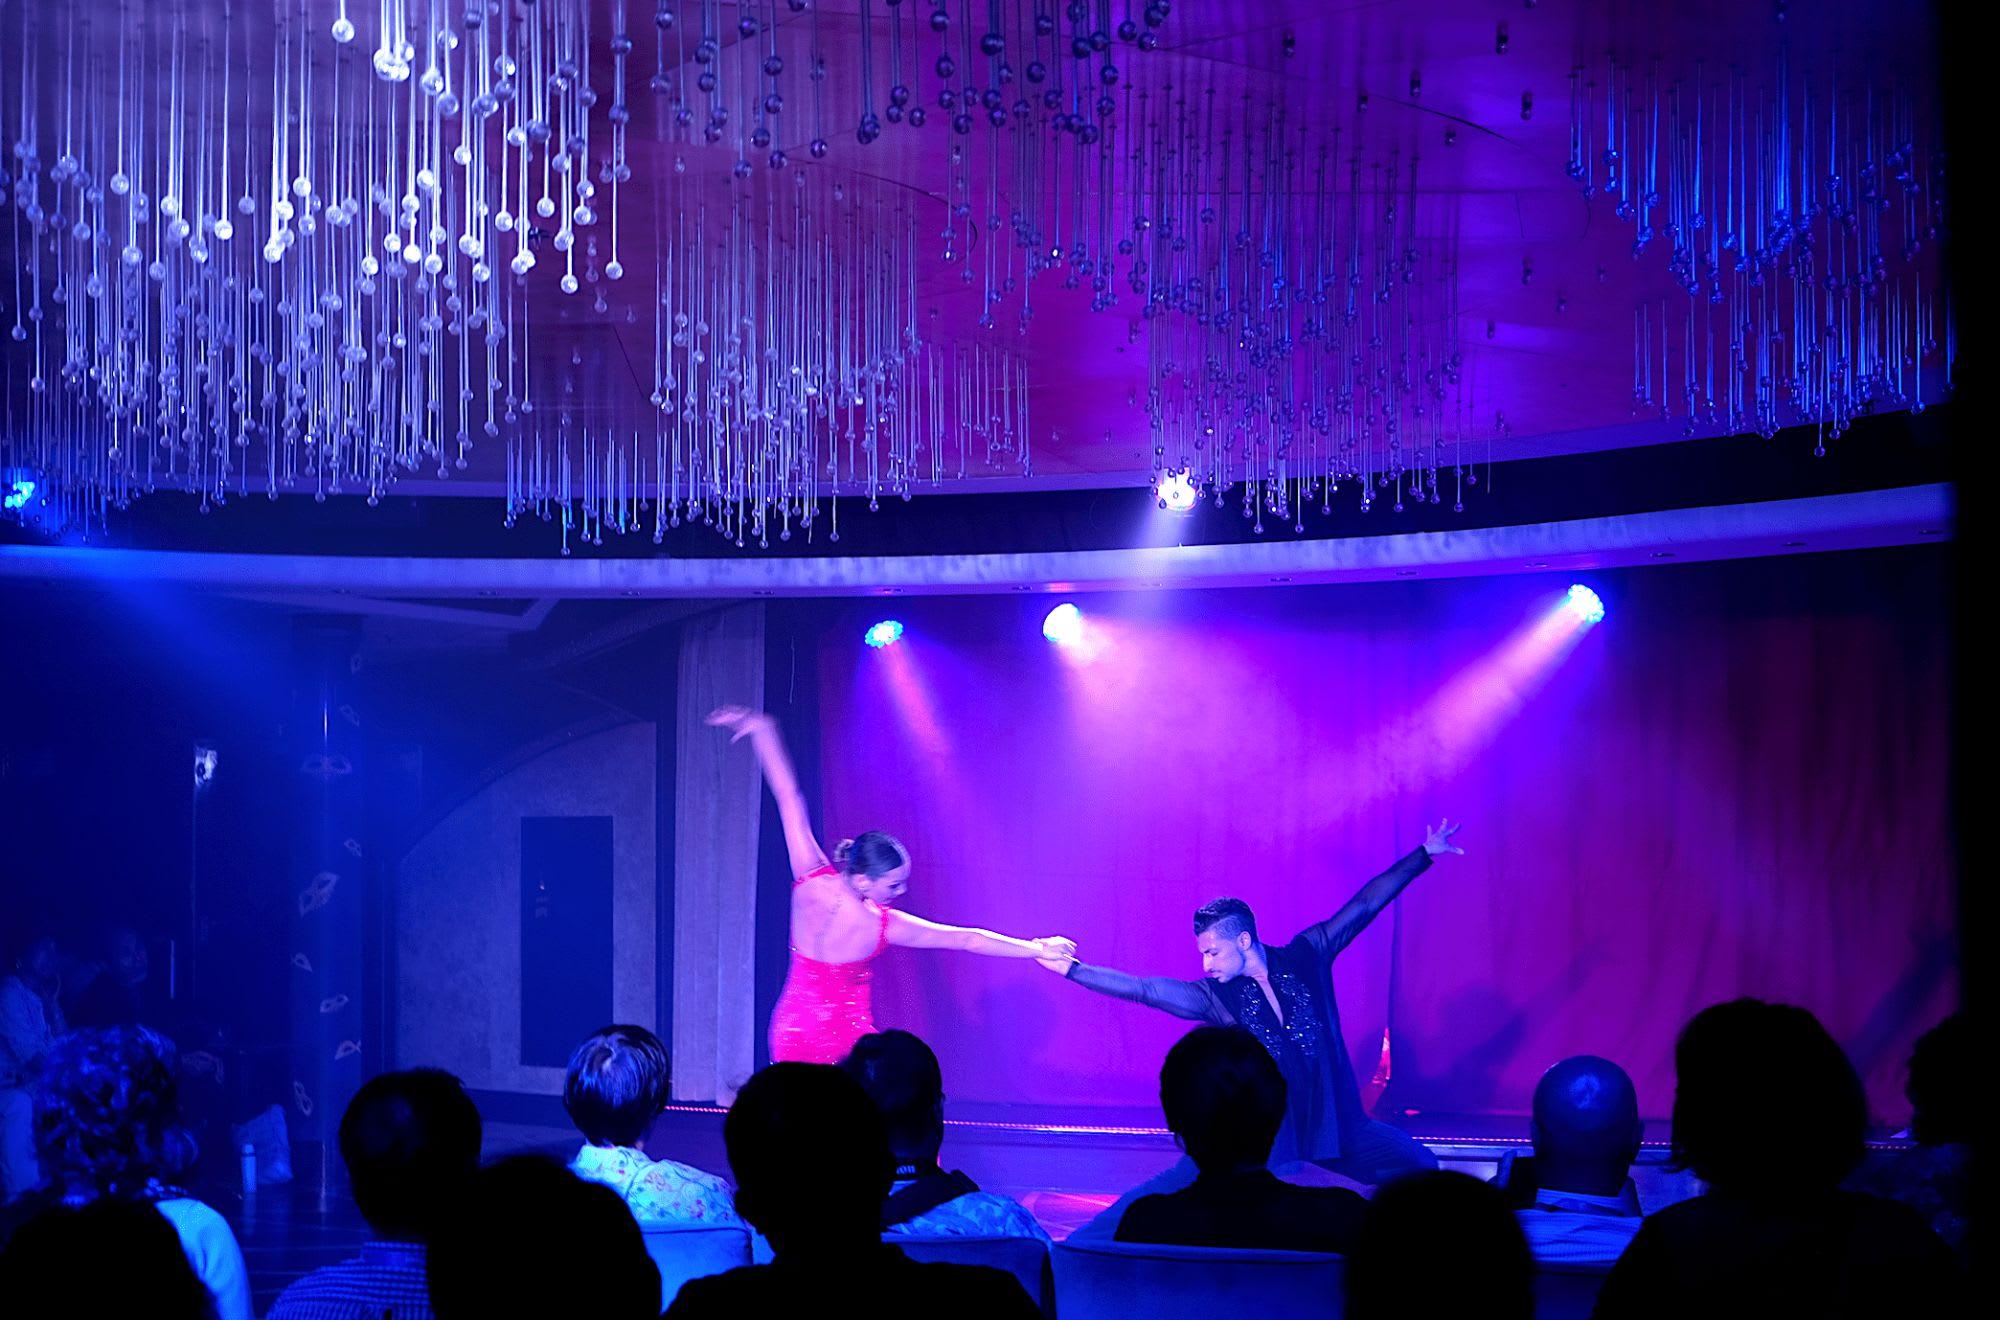 情熱がこもったプロダンサーのダンス・ショー